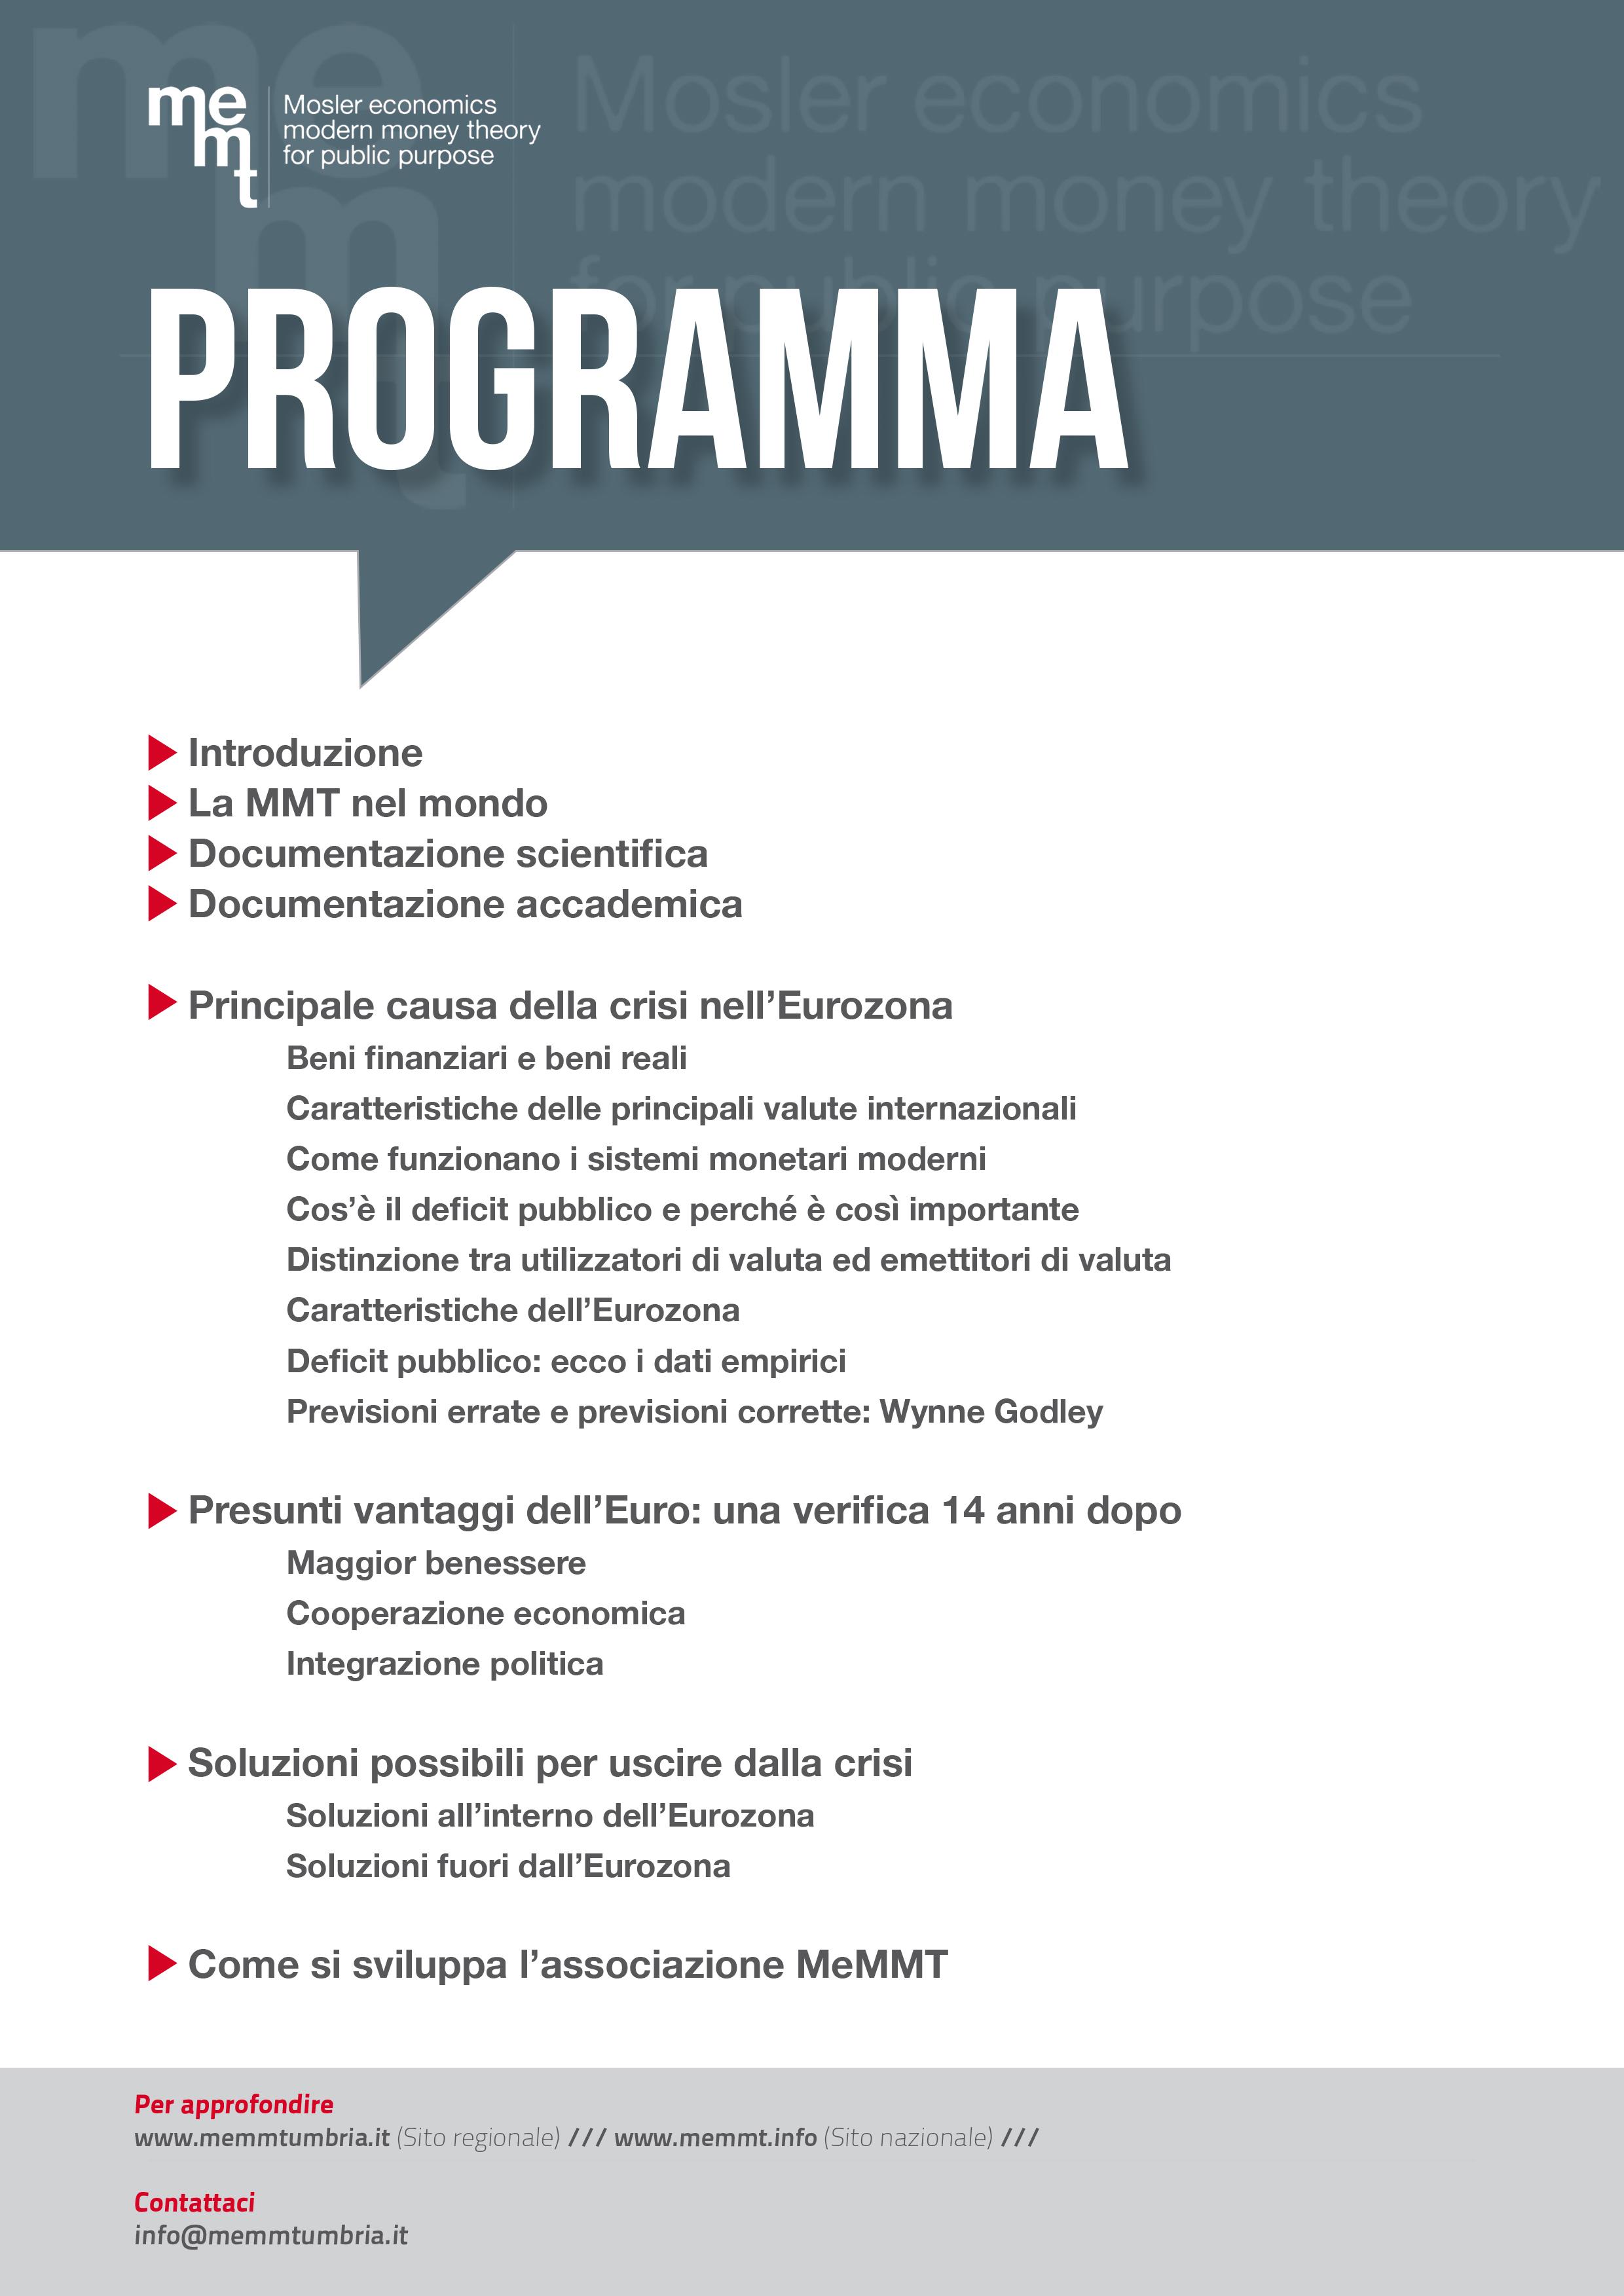 Programma MeMMT - 2015 05 14 Foligno Palazzo Trinci